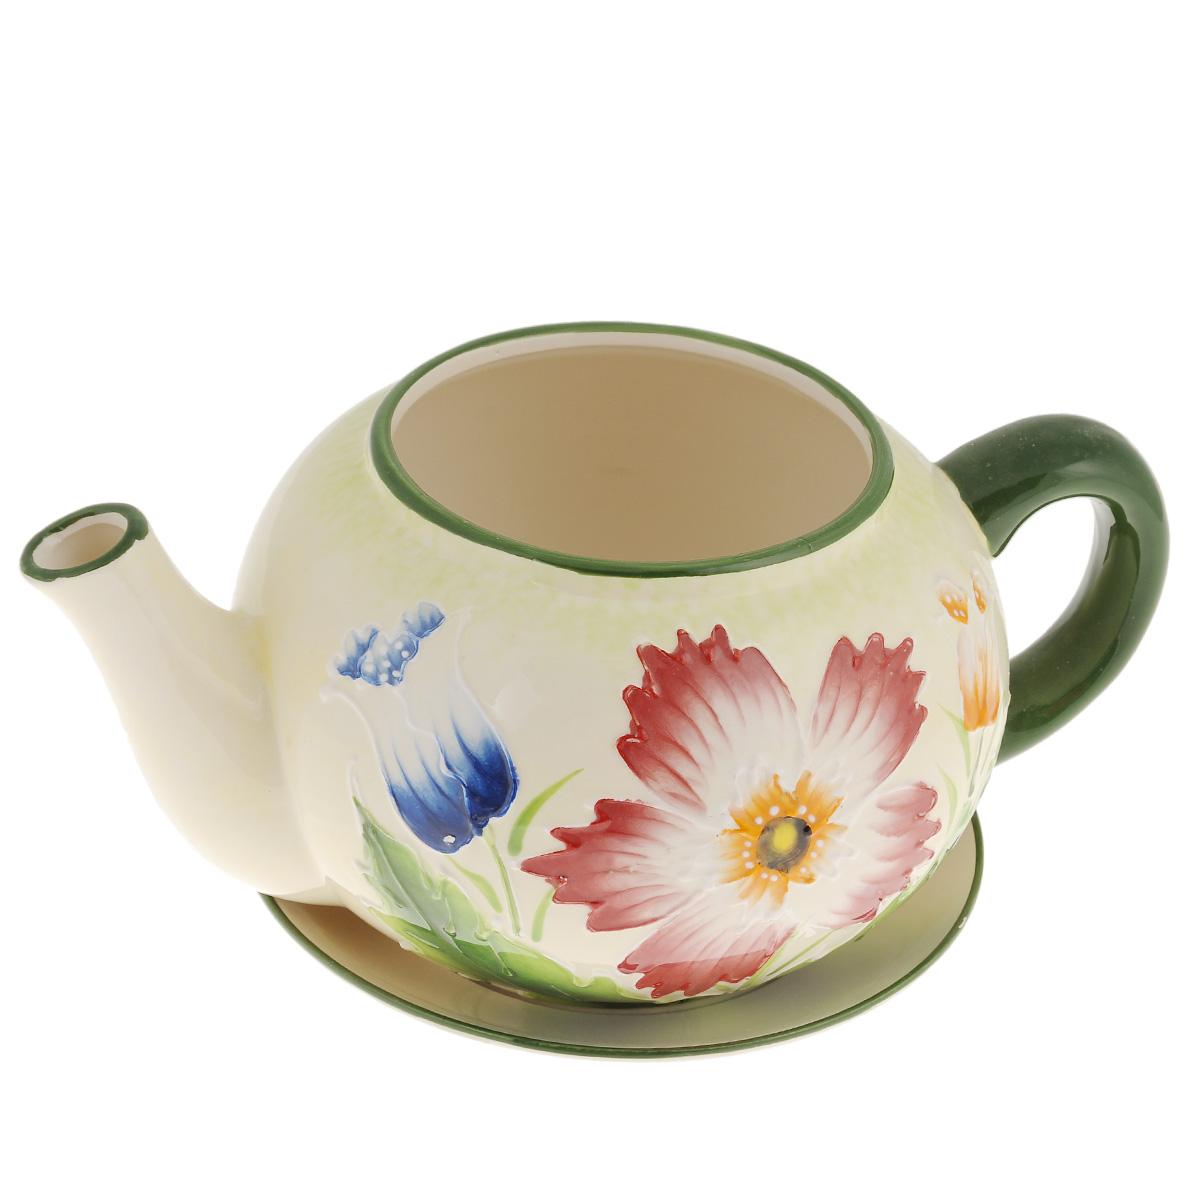 Кашпо Lillo Заварочный чайник, с поддоном. XY10S015-1FXY10S015-1FКашпо-горшок для цветов Lillo Заварочный чайник выполнен из прочной керамики и декорирован красочным рисунком. Изделие предназначено для цветов. Такие изделия часто становятся последним штрихом, который совершенно изменяет интерьер помещения или ландшафтный дизайн сада. Благодаря такому кашпо вы сможете украсить вашу комнату, офис, сад и другие места. Изделие оснащено специальным поддоном - блюдцем. Диаметр кашпо по верхнему краю: 12 см. Высота кашпо (без учета поддона): 14 см. Диаметр поддона: 20,5 см.